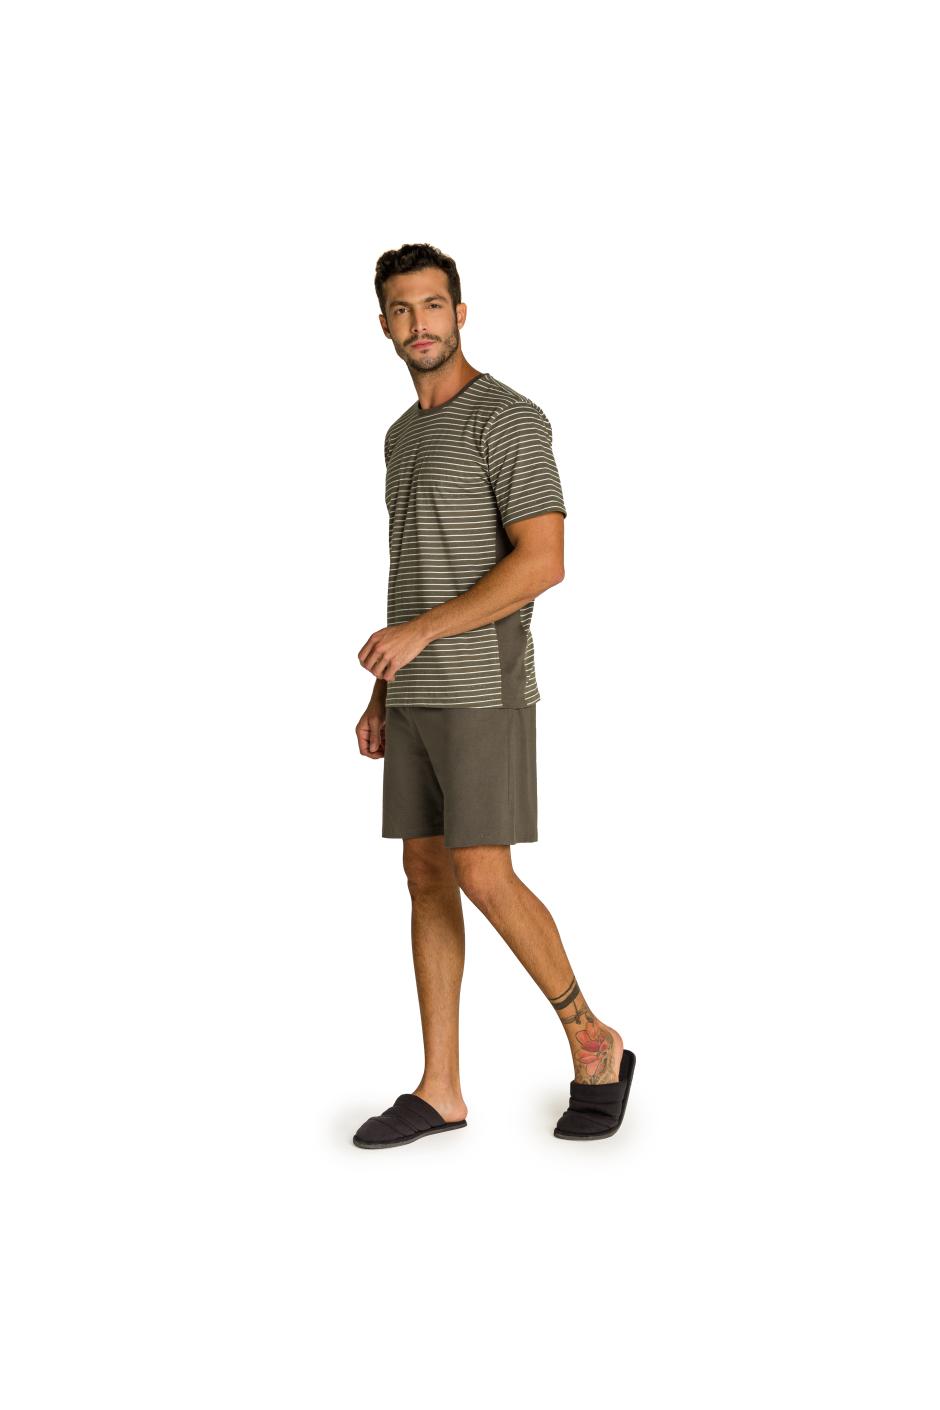 007/D - Pijama Adulto Masculino Listrado com Recorte Lateral